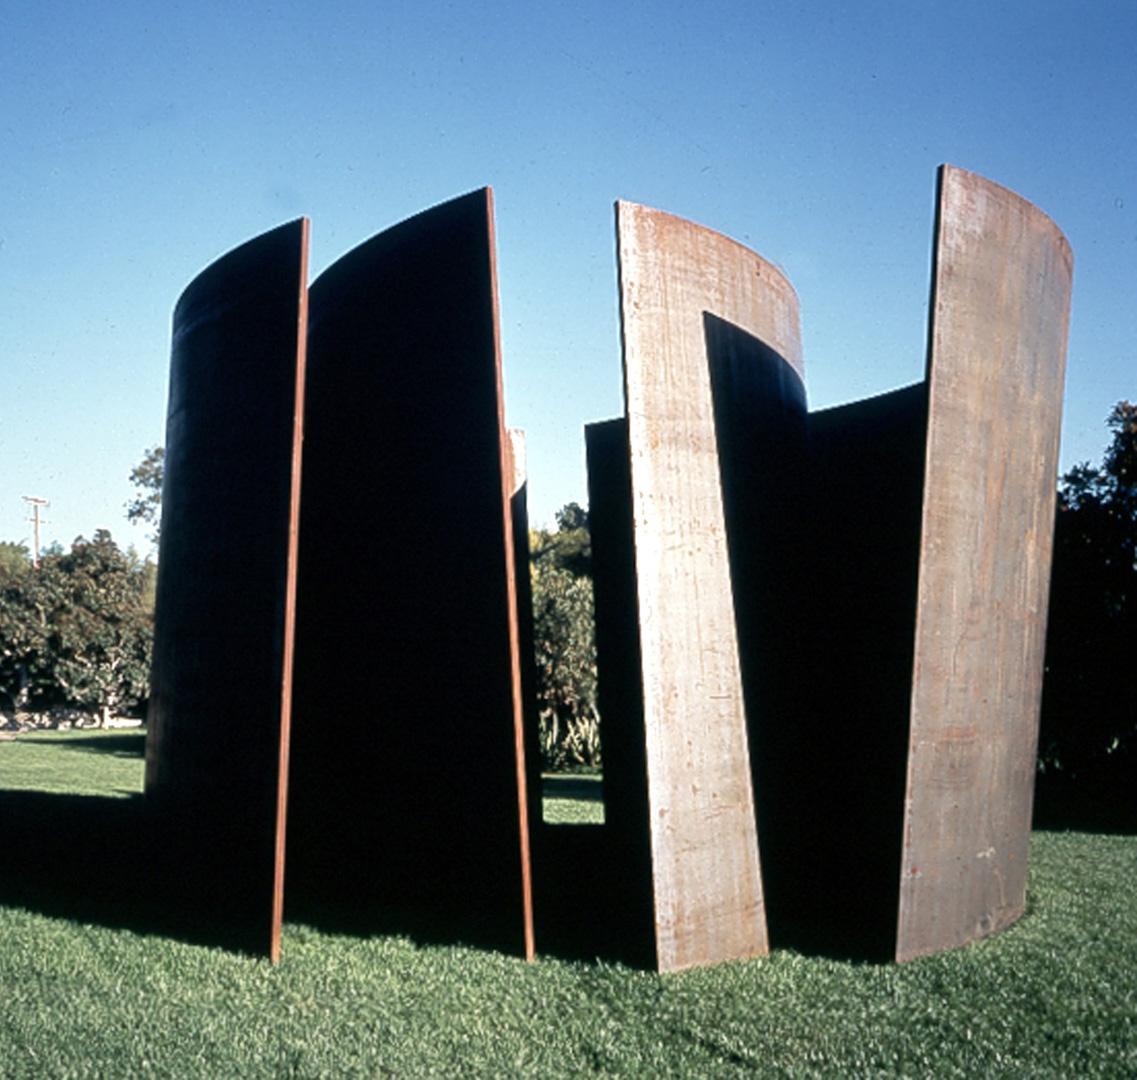 No Problem Richard Serra The Broad